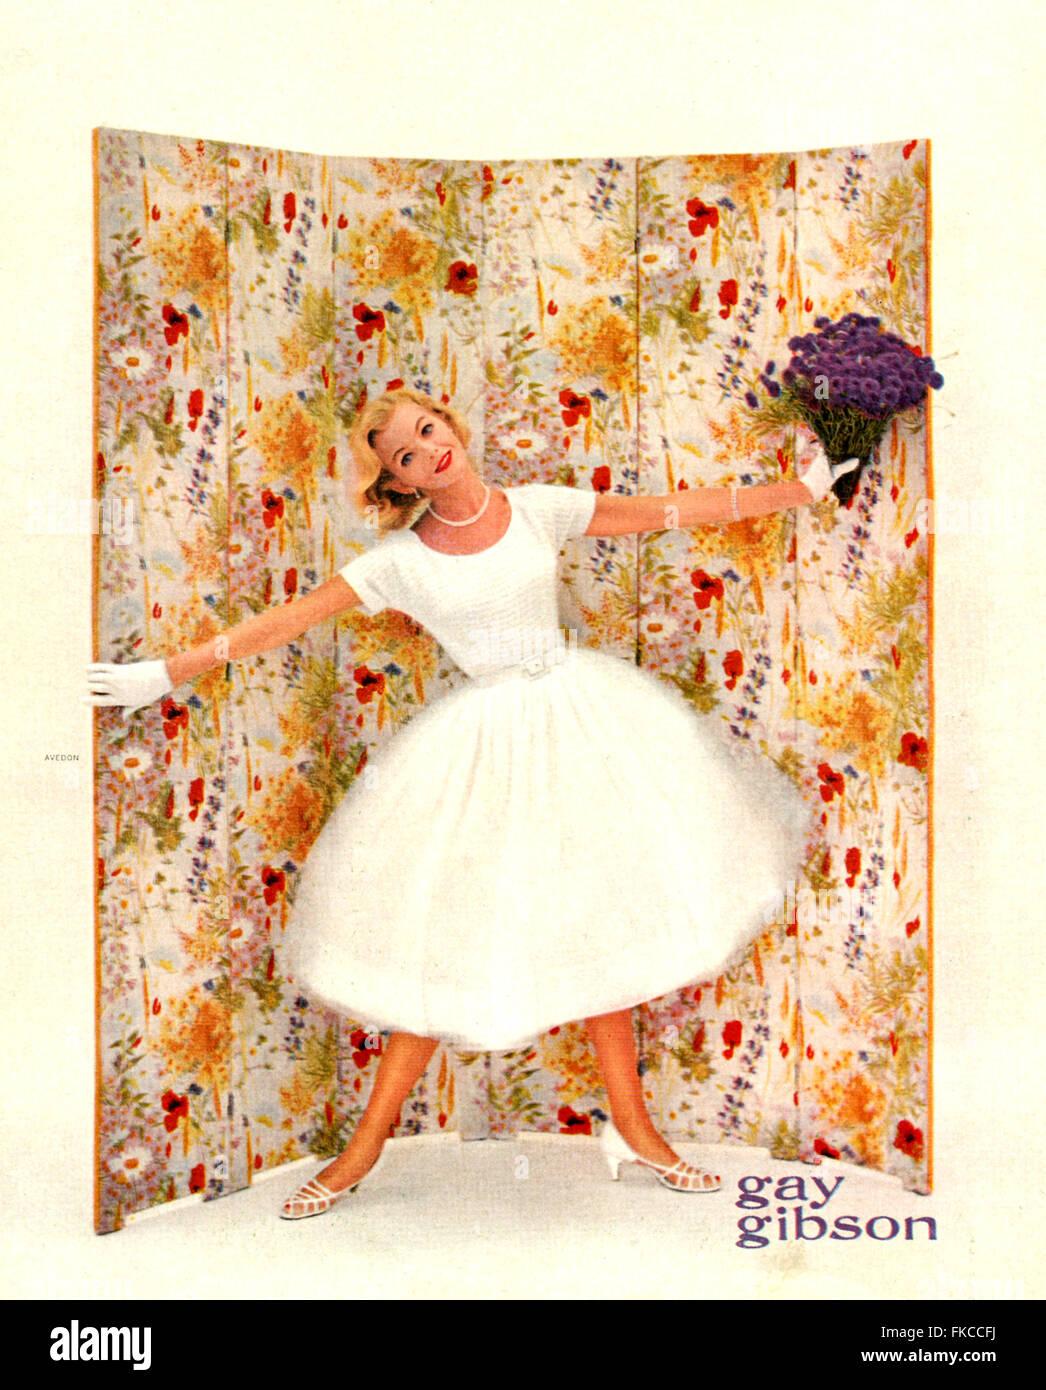 1950s USA Gay Gibson Magazine Advert - Stock Image